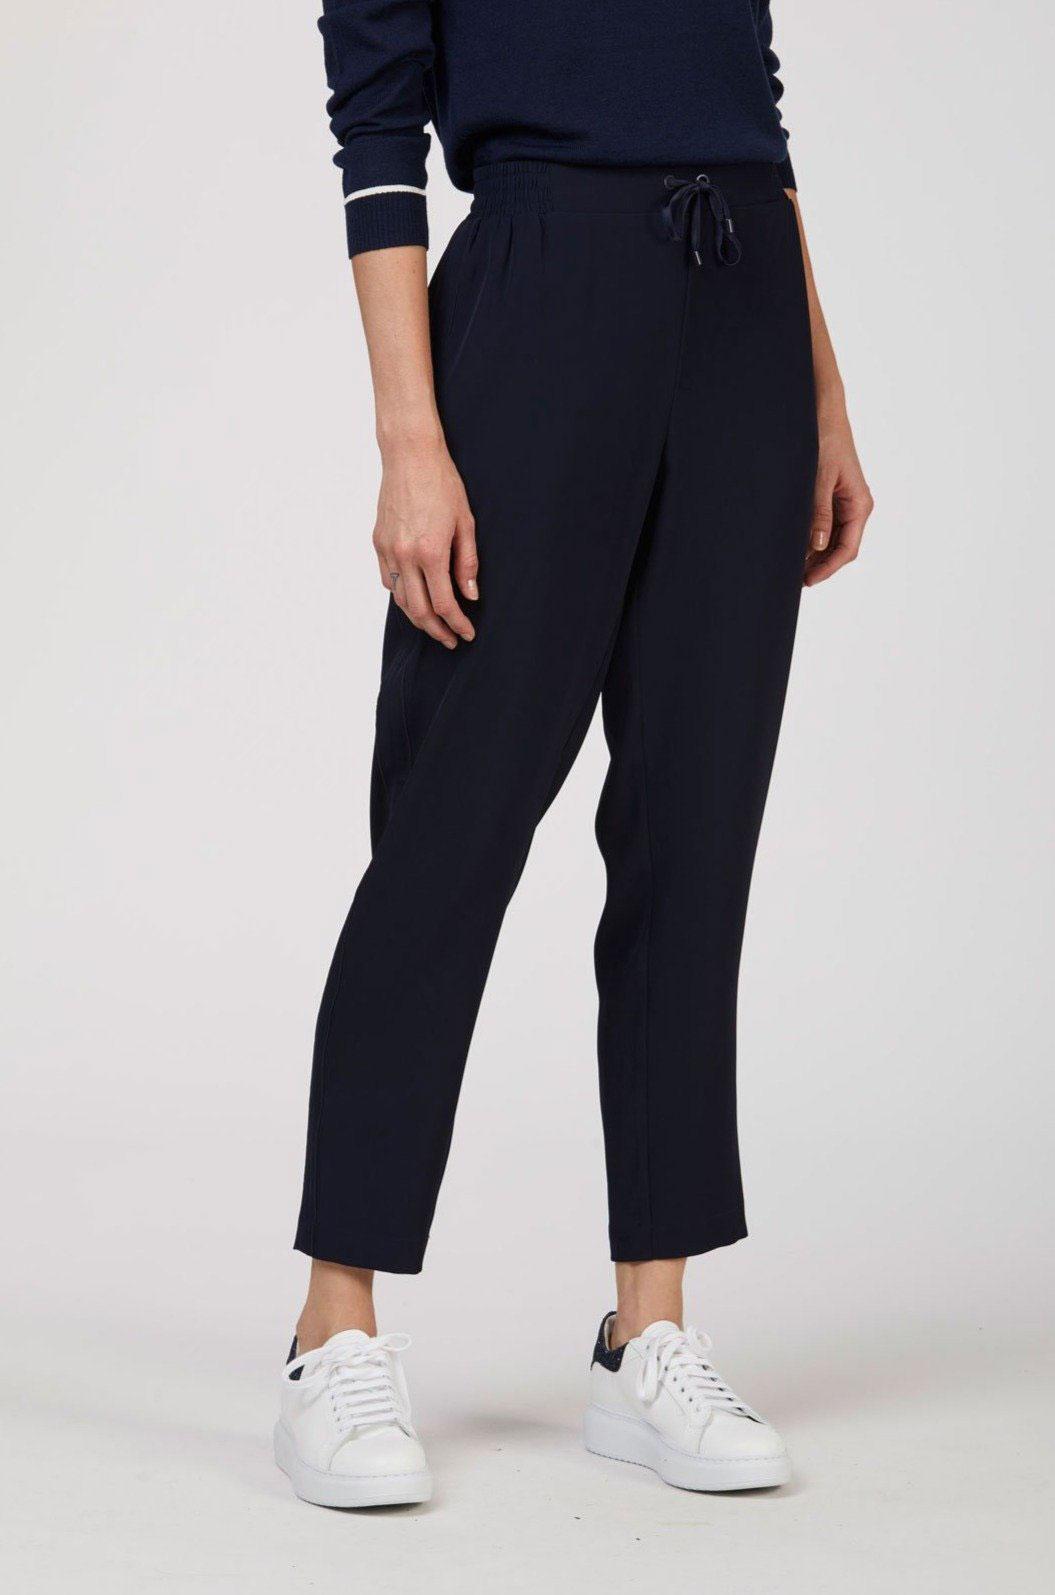 Pantalone Tous Les Jours Ebe Nero